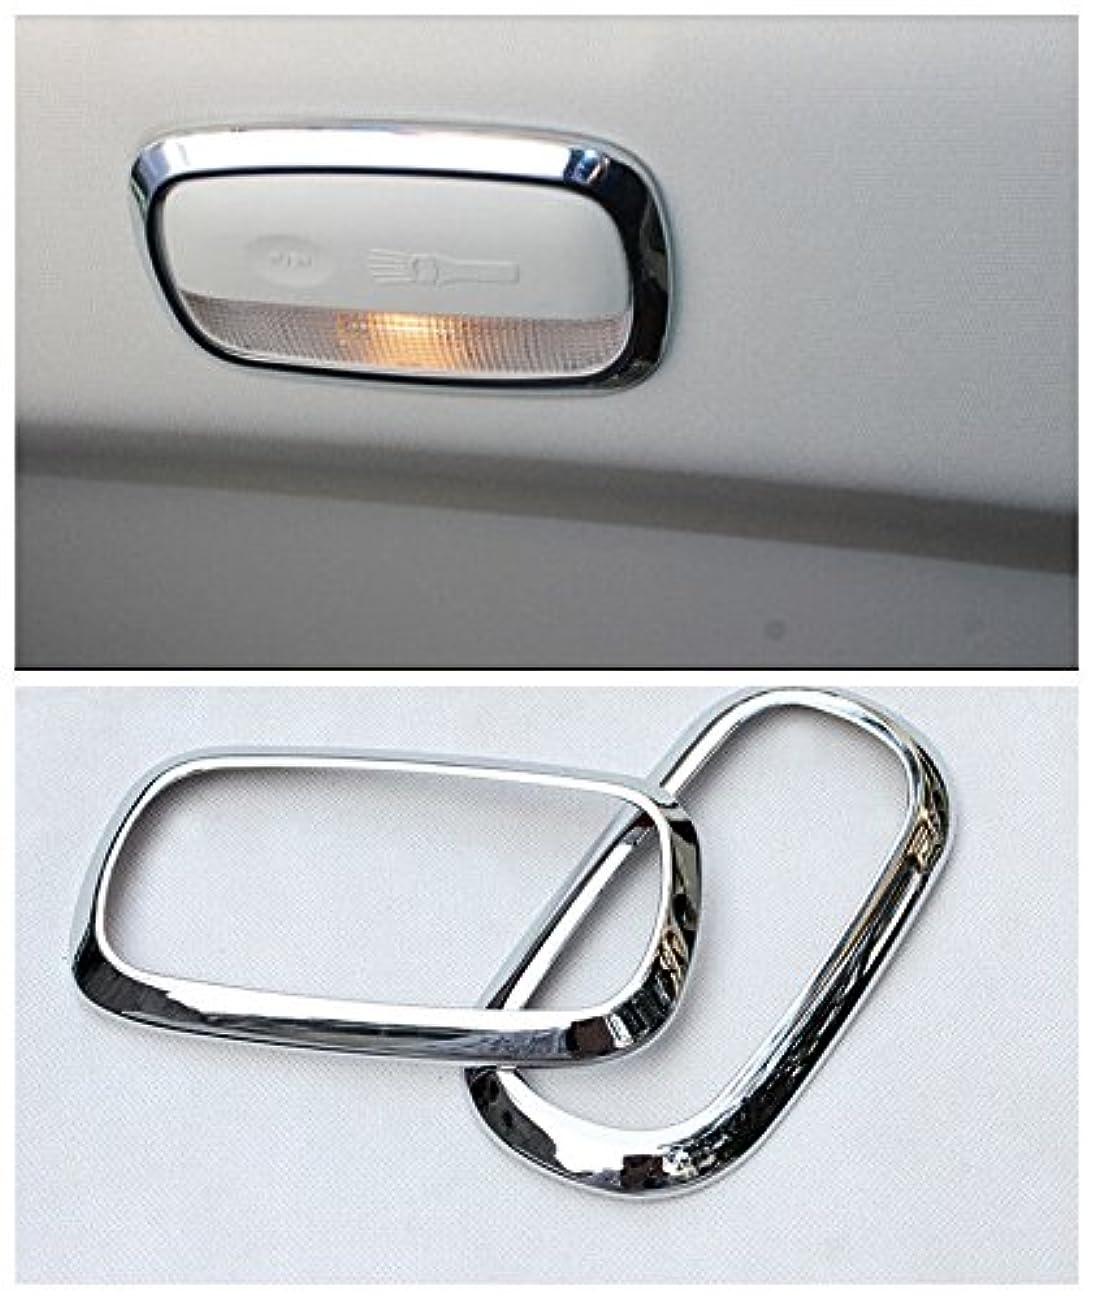 藤色分岐するシリアルJicorzo - 2PCS Car Interior Middle+Rear Reading Light Cover Trim Fit For JEEP COMPASS 2011-2015 Car Interior Accessories Styling